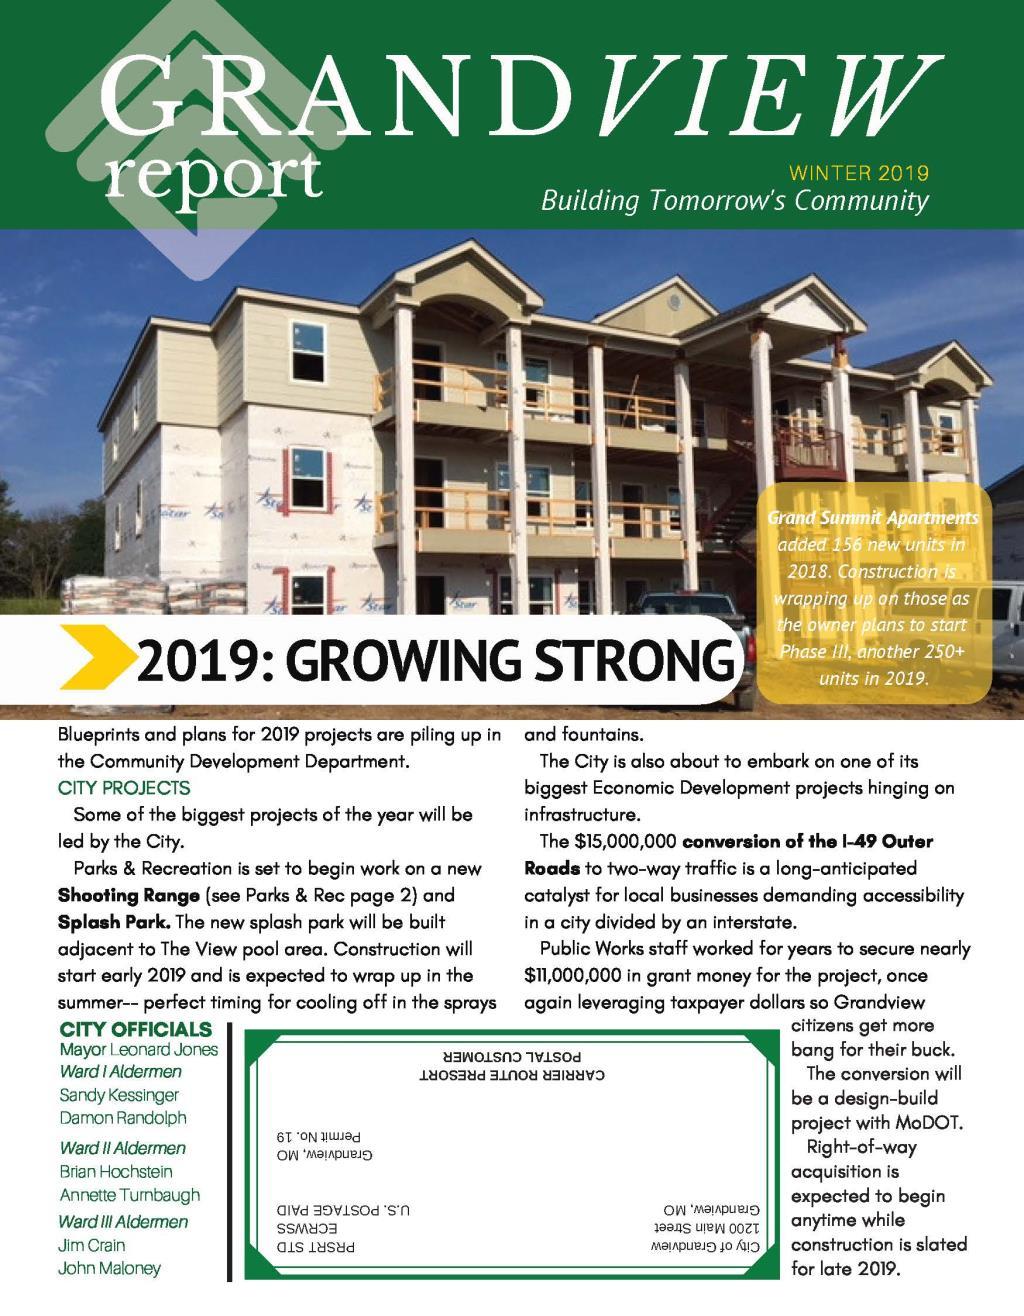 Grandview Report-Winter 2019 COVER